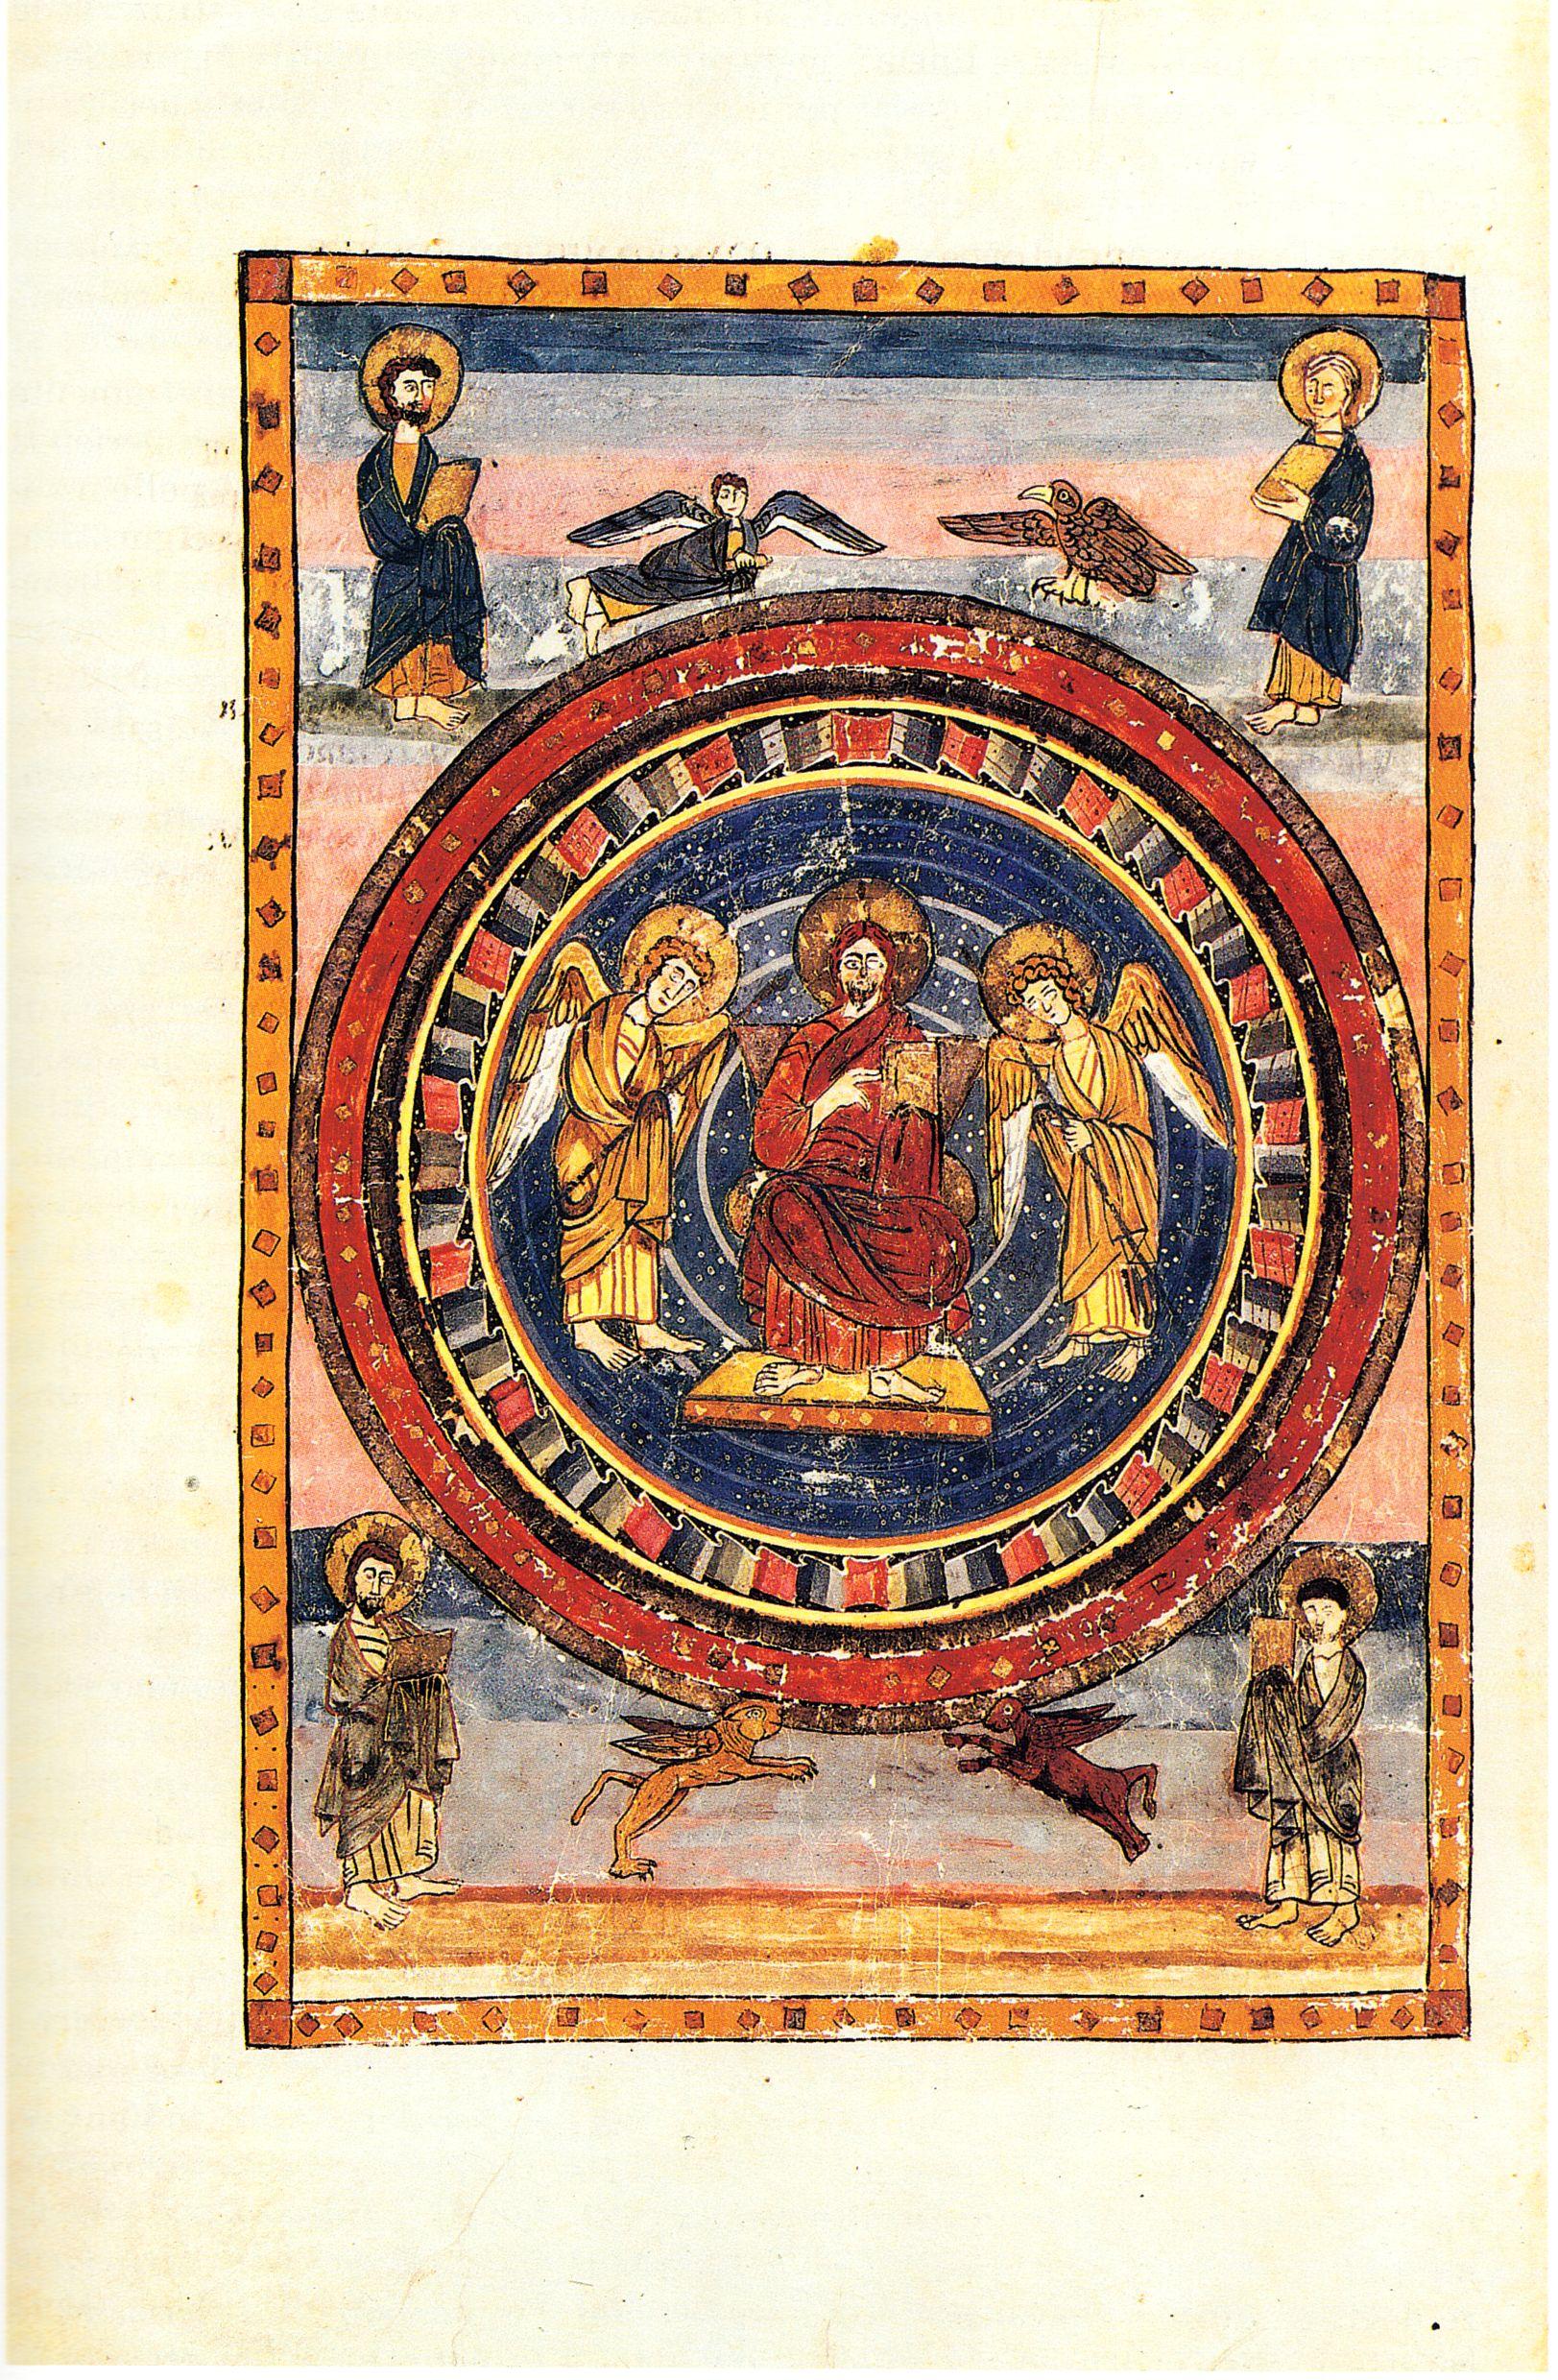 上图:8世纪的Codex Amiatinus是现存最早的完整武加大拉丁文译本手稿。上图是在新约之前的庄严基督像(Maiestas Domini),周围环绕象征四福音的符号人、鹰、狮、牛。